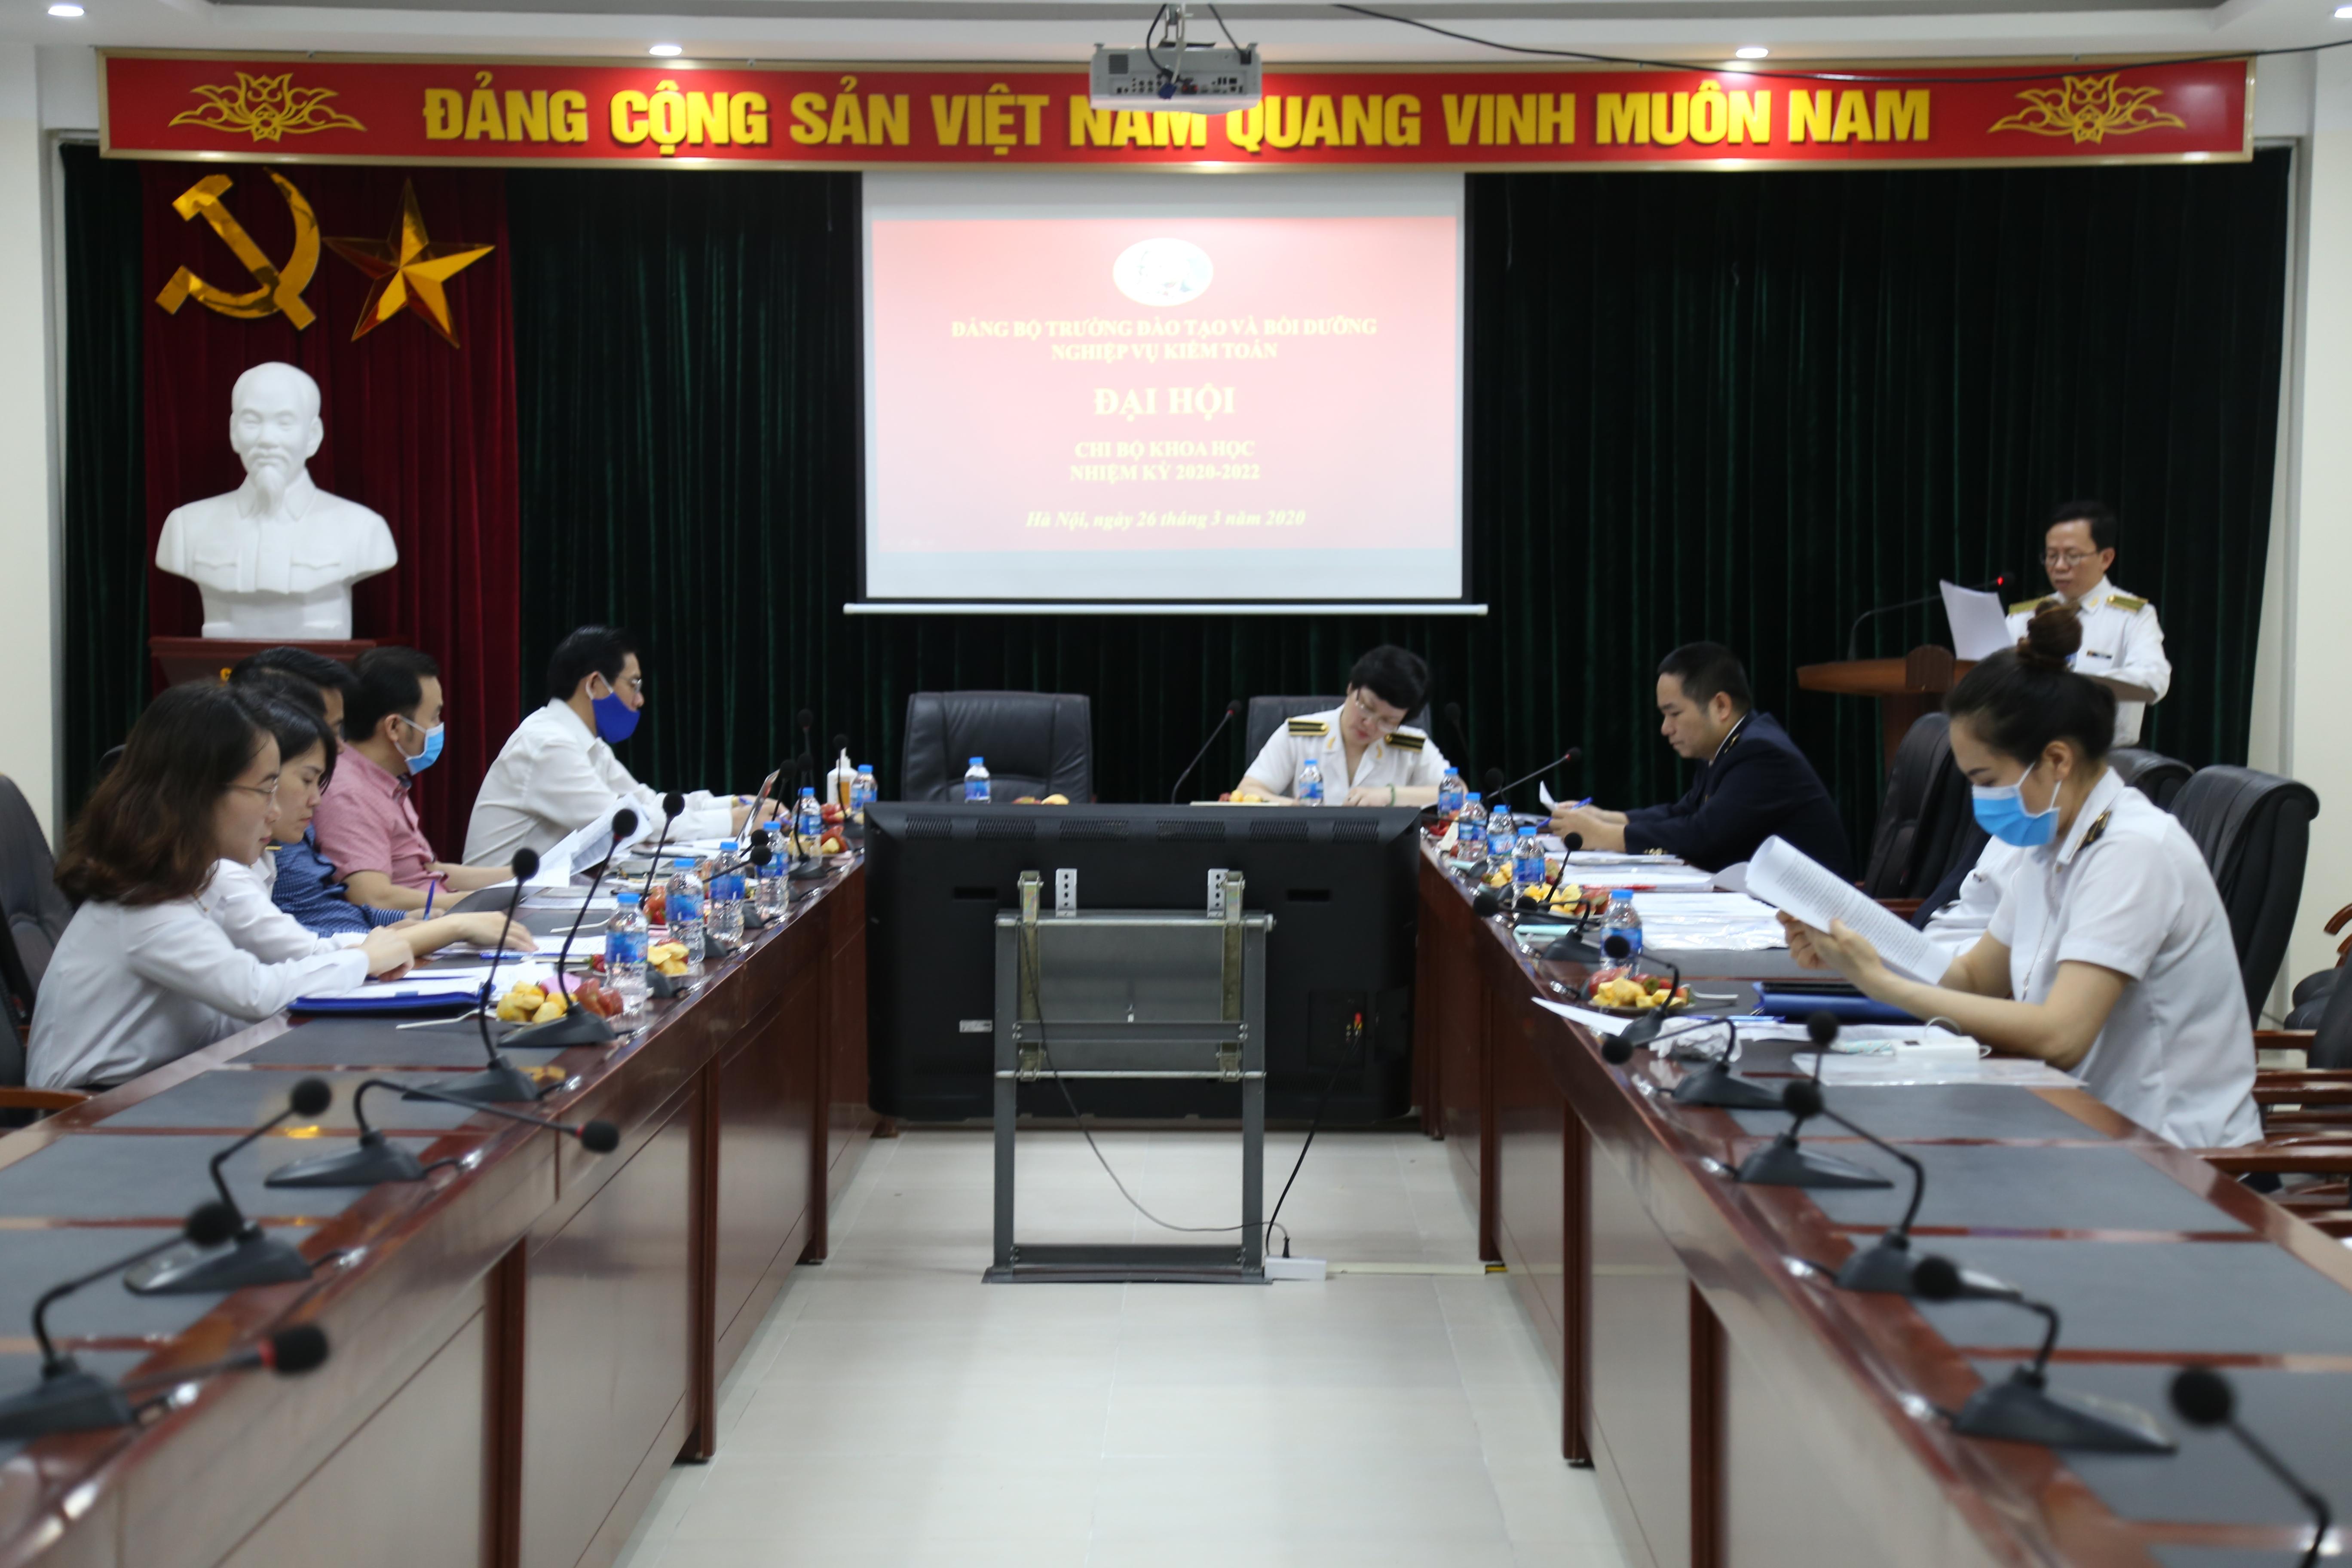 Đại hội chi bộ Khoa học Trường ĐT&BD nghiệp vụ kiểm toán nhiệm kỳ 2020 - 2022